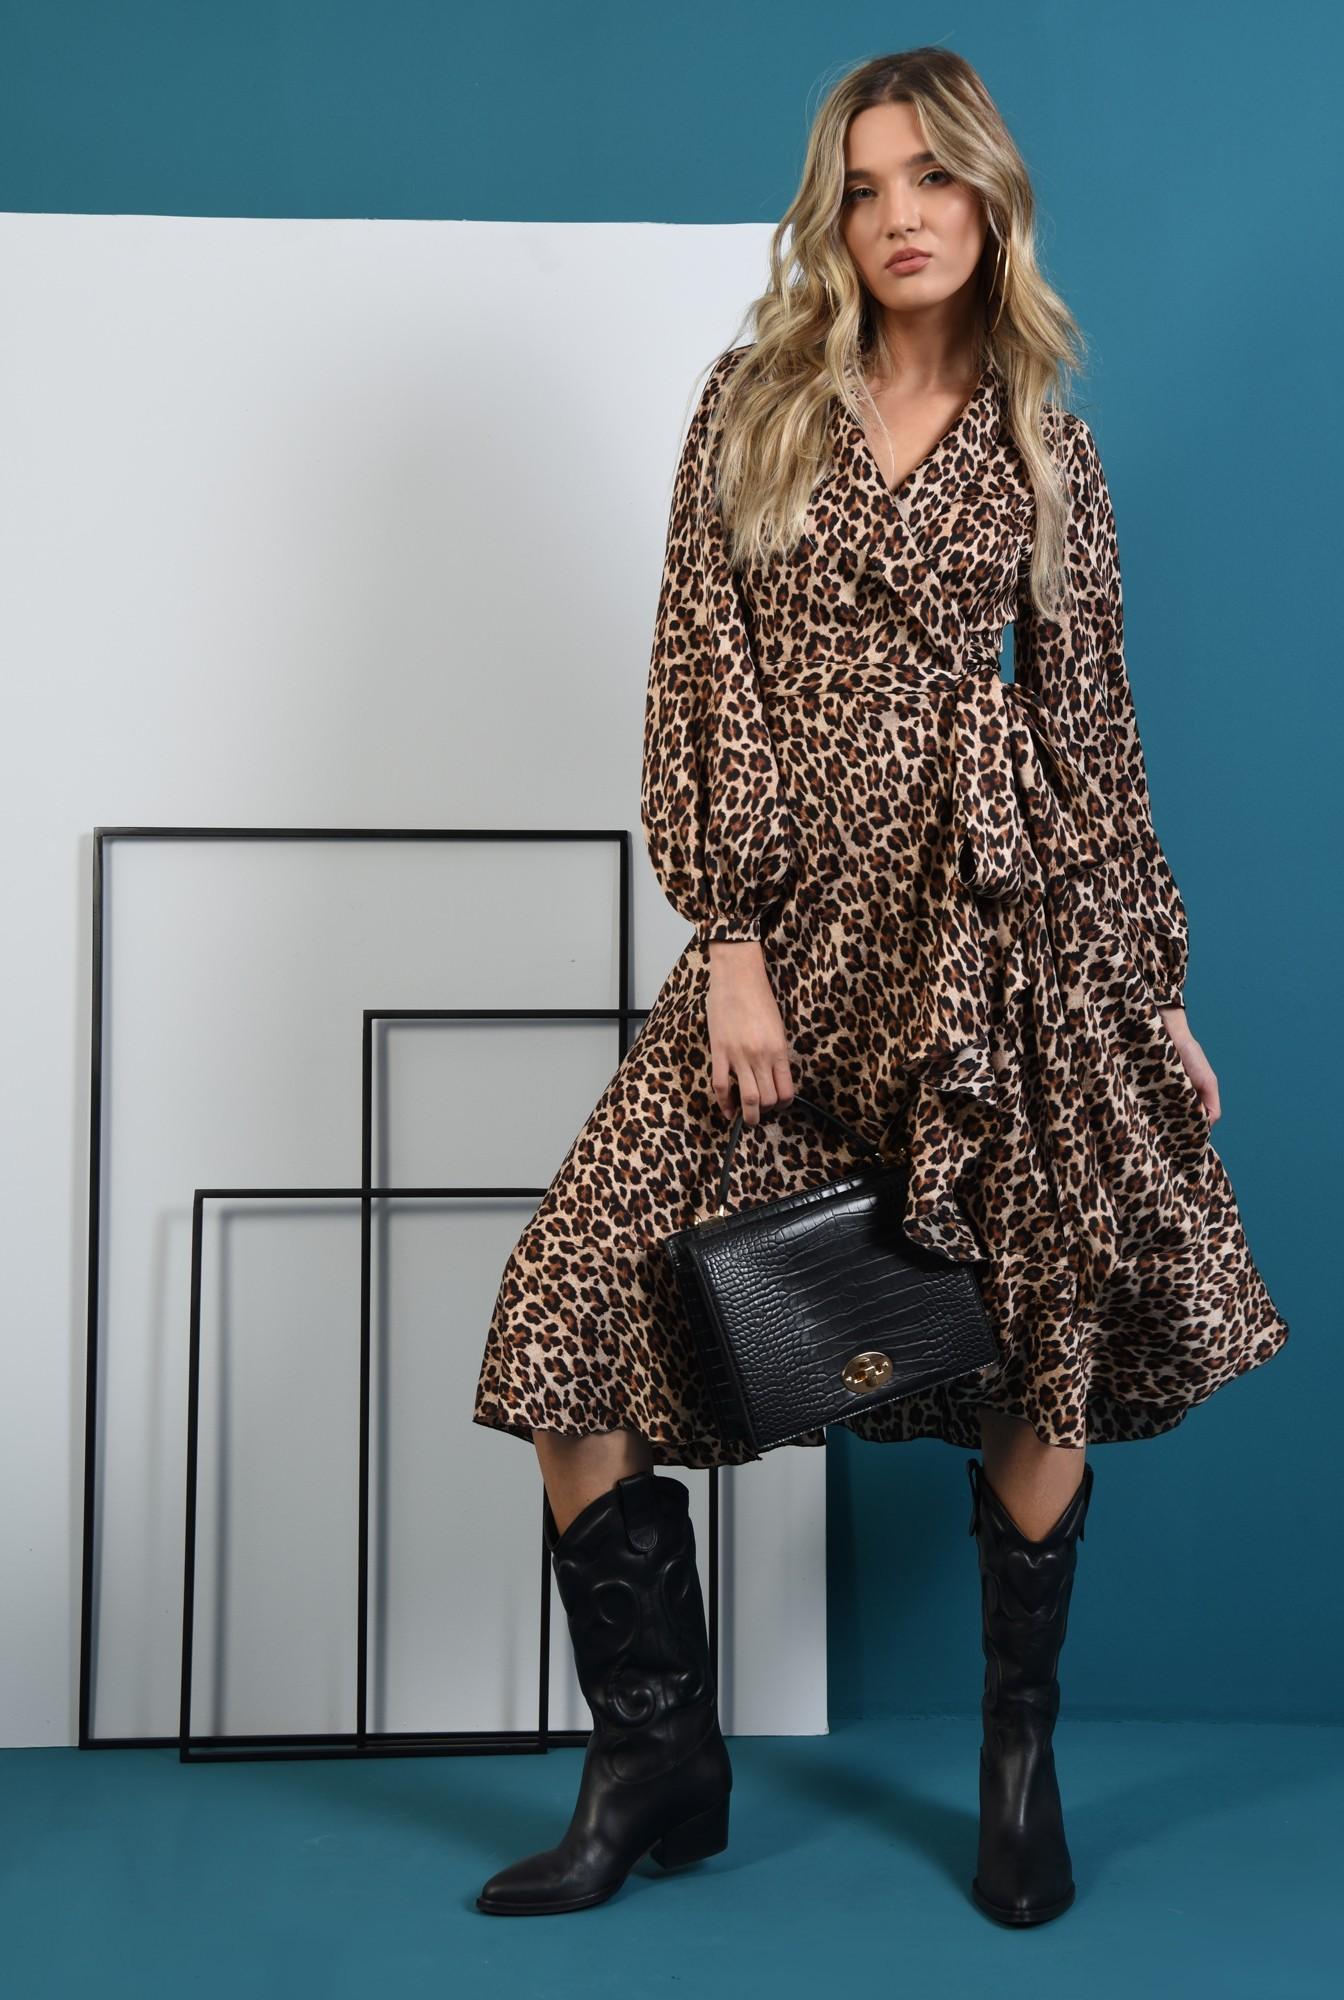 0 - rochie midi, cu imprimeu leopard, cu maneca lunga